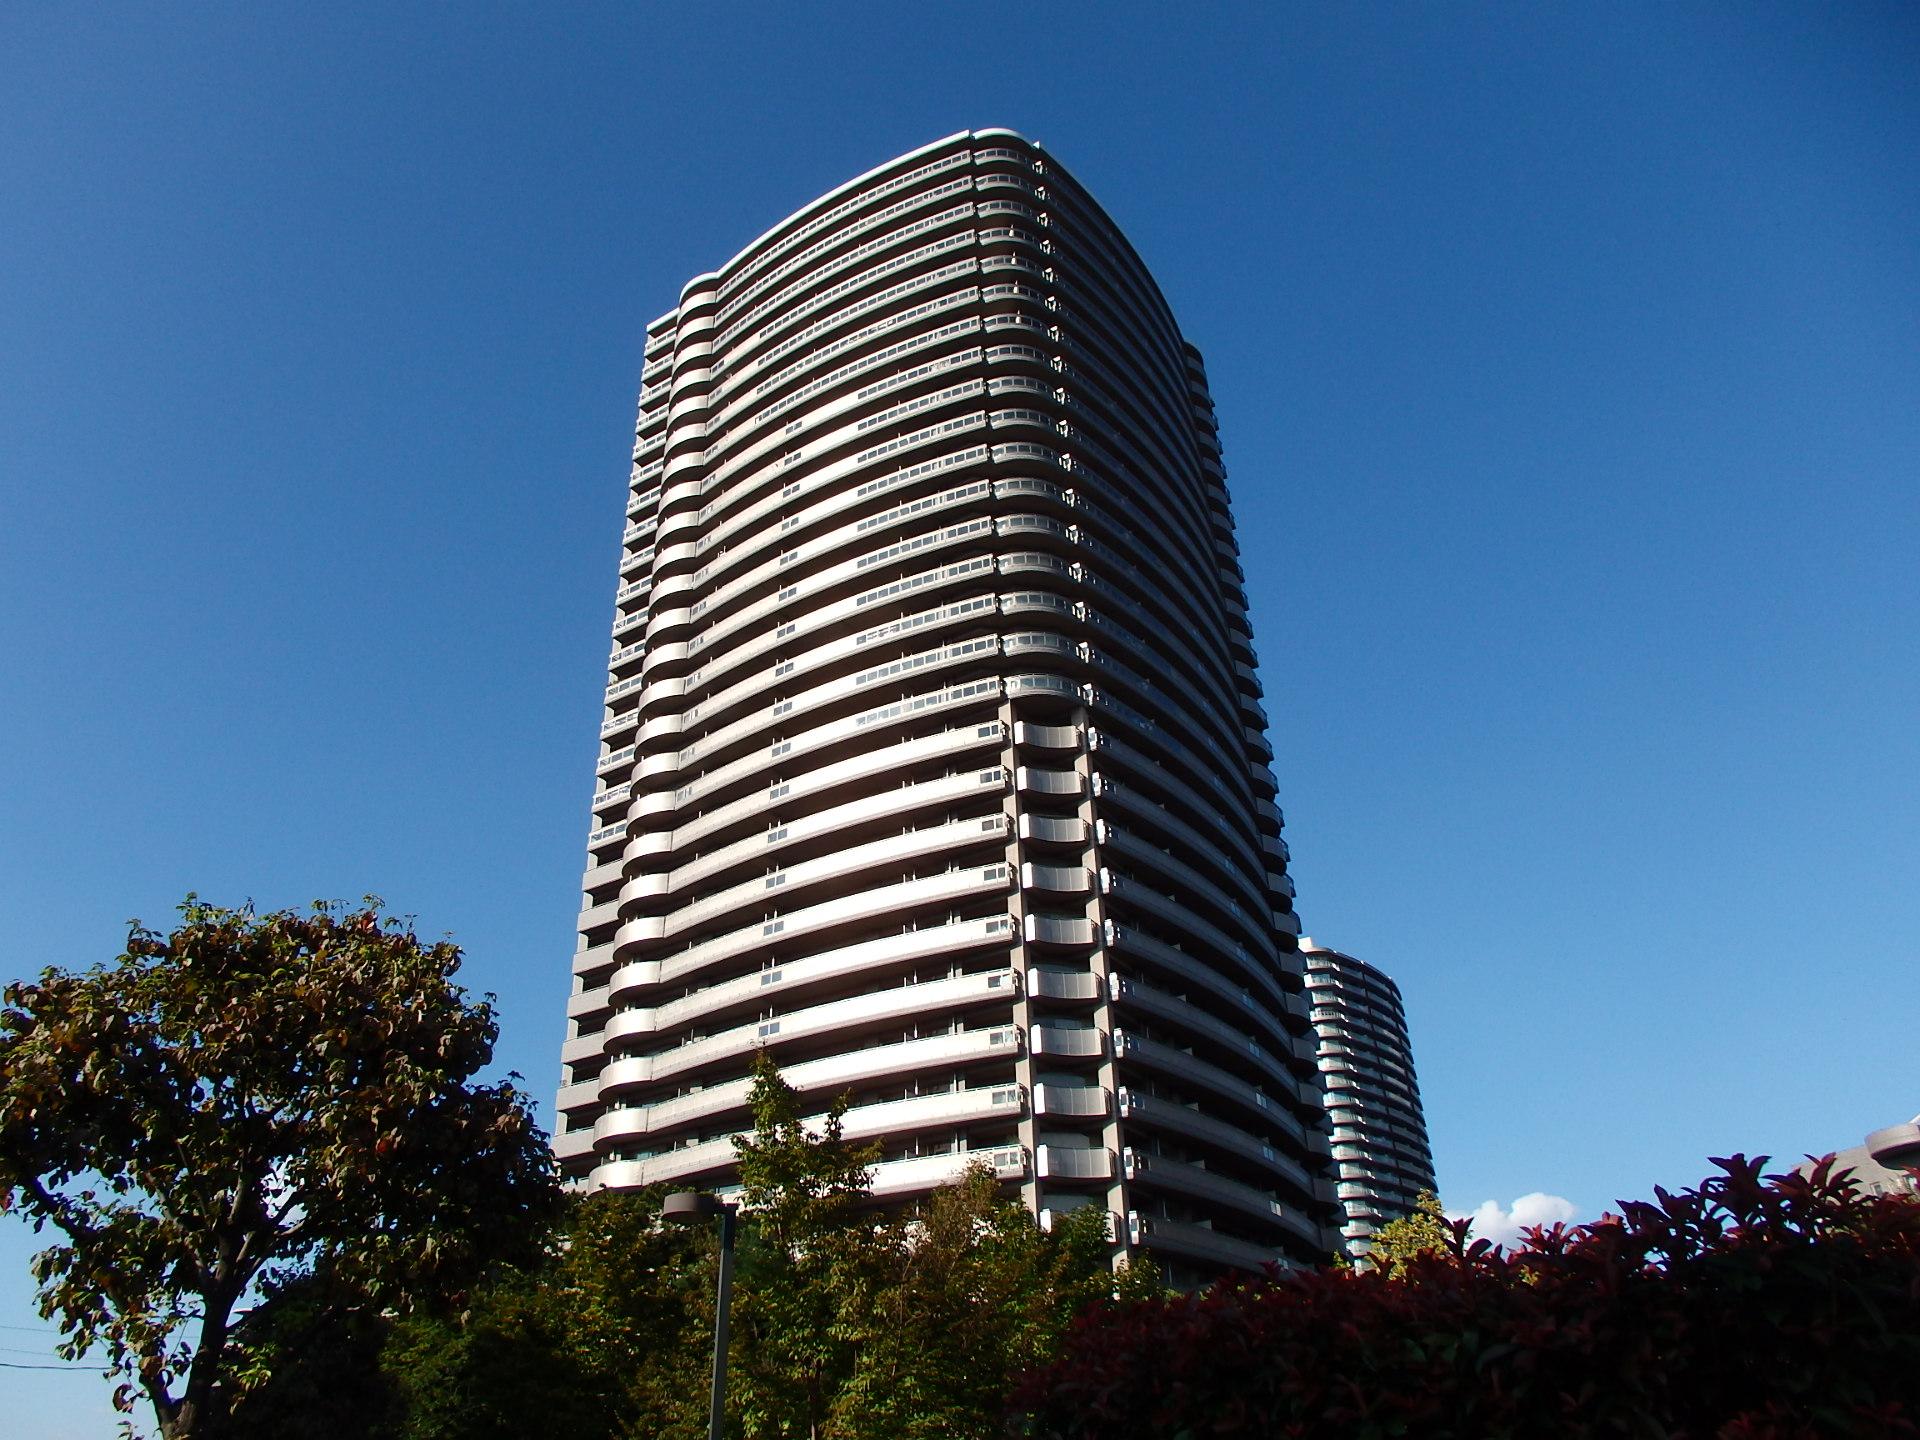 「タワーマンション 駐車場」の画像検索結果